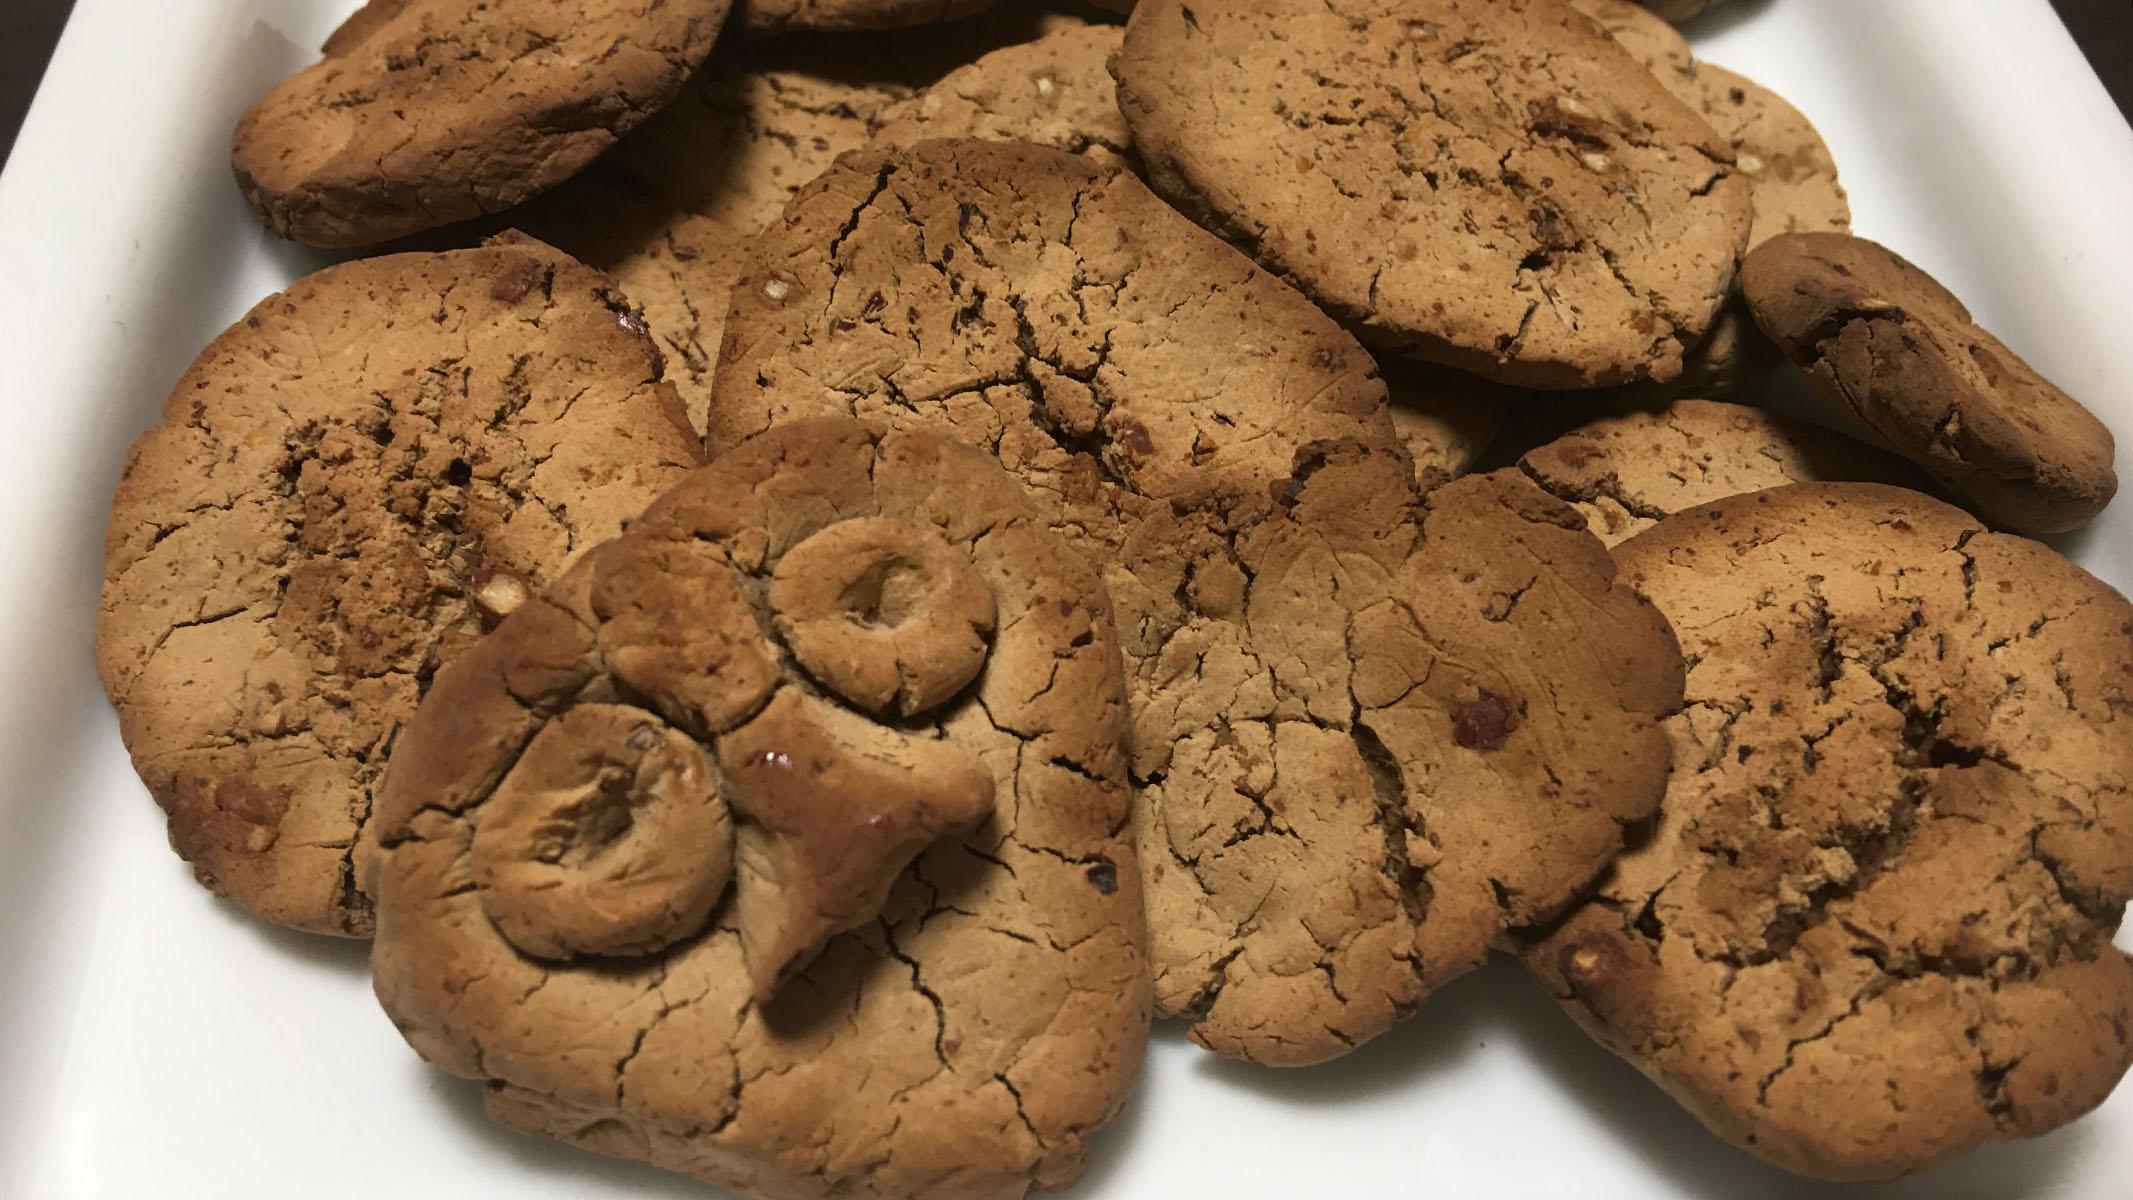 工作 <ruby><rb>縄文</rb><rp>(</rp><rt>じょうもん</rt><rp>)</rp></ruby>クッキーをつくろう